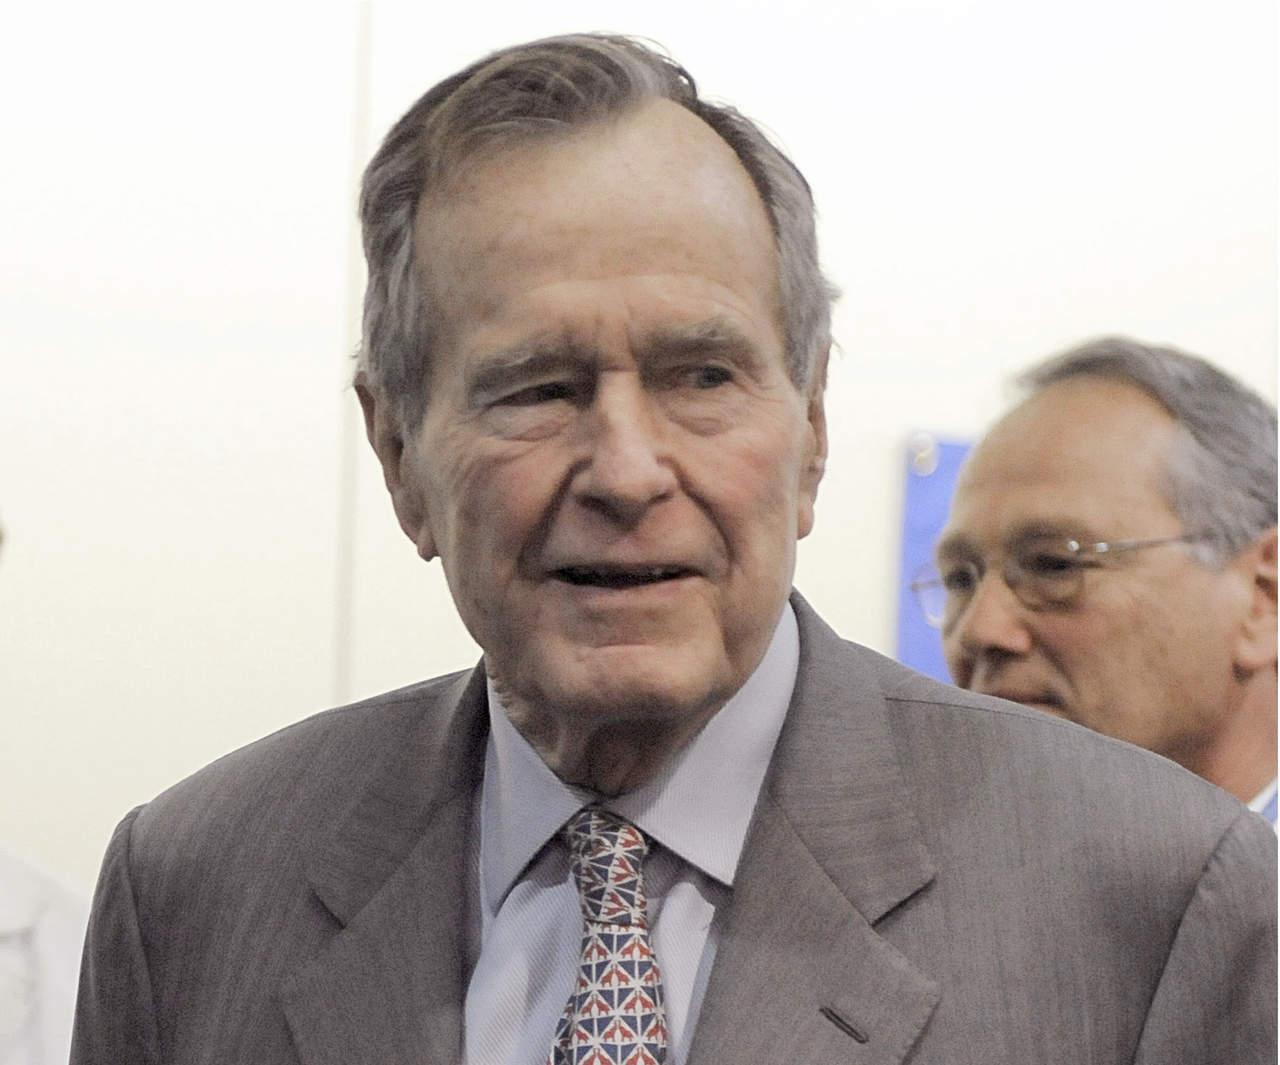 Bush padre se disculpa con mujer que lo denunció